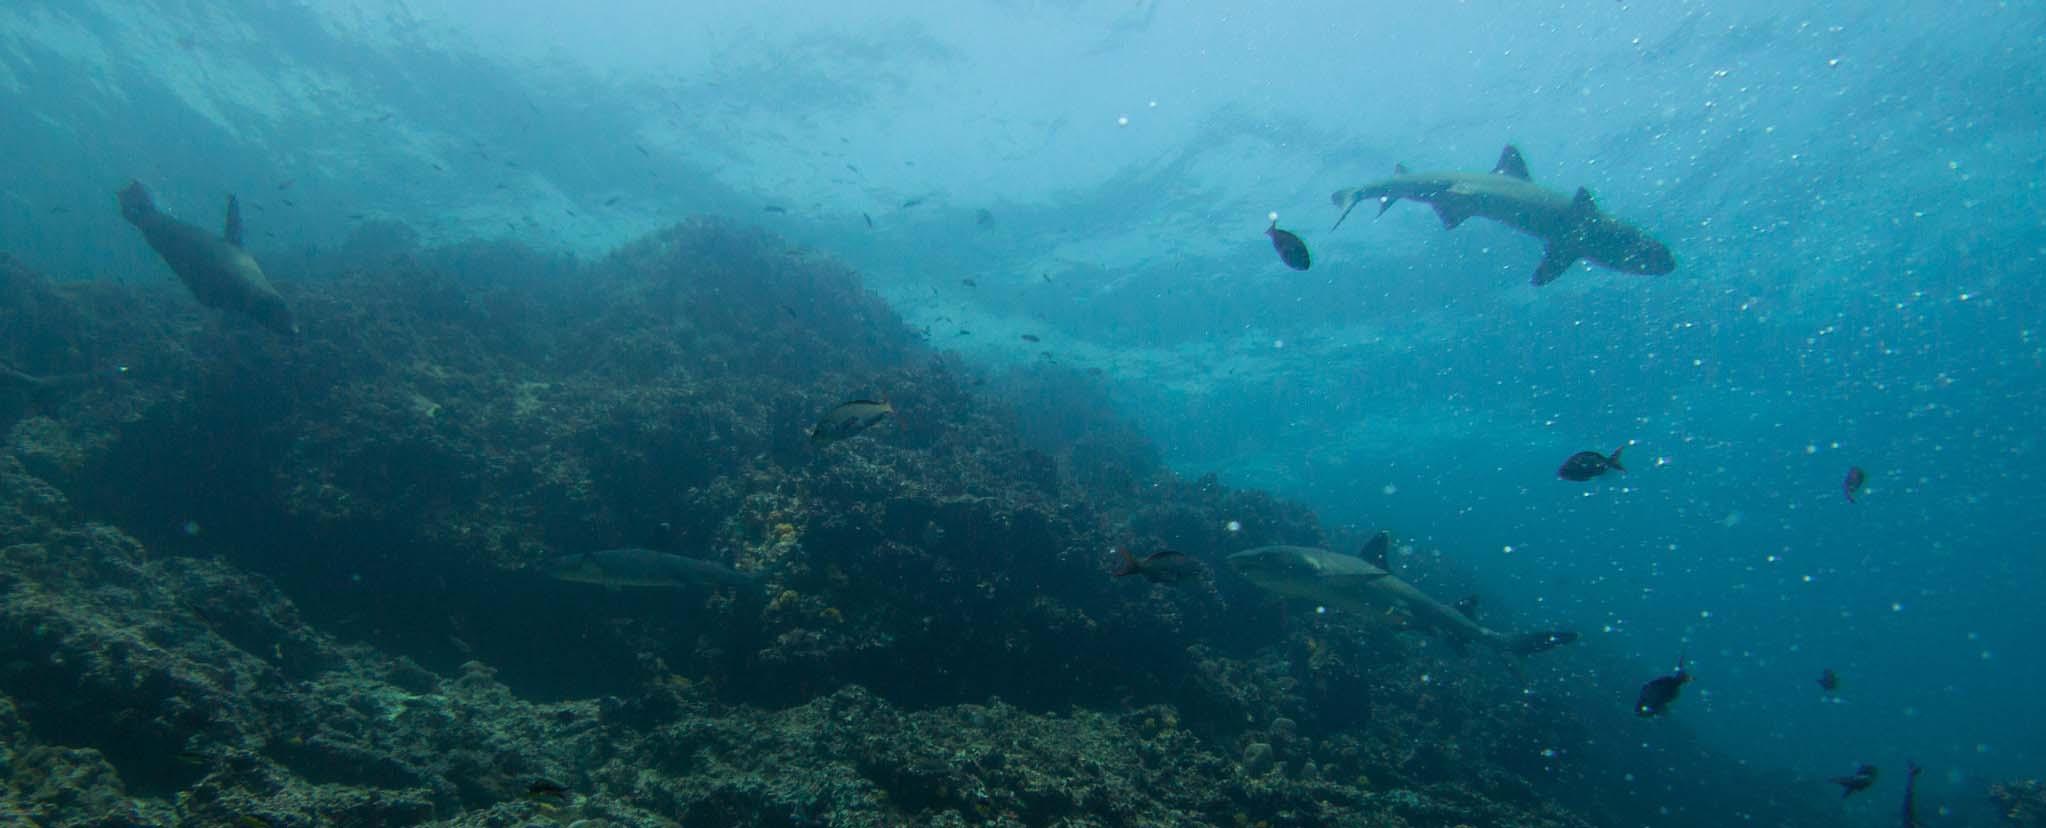 Galapagos marine wildlife